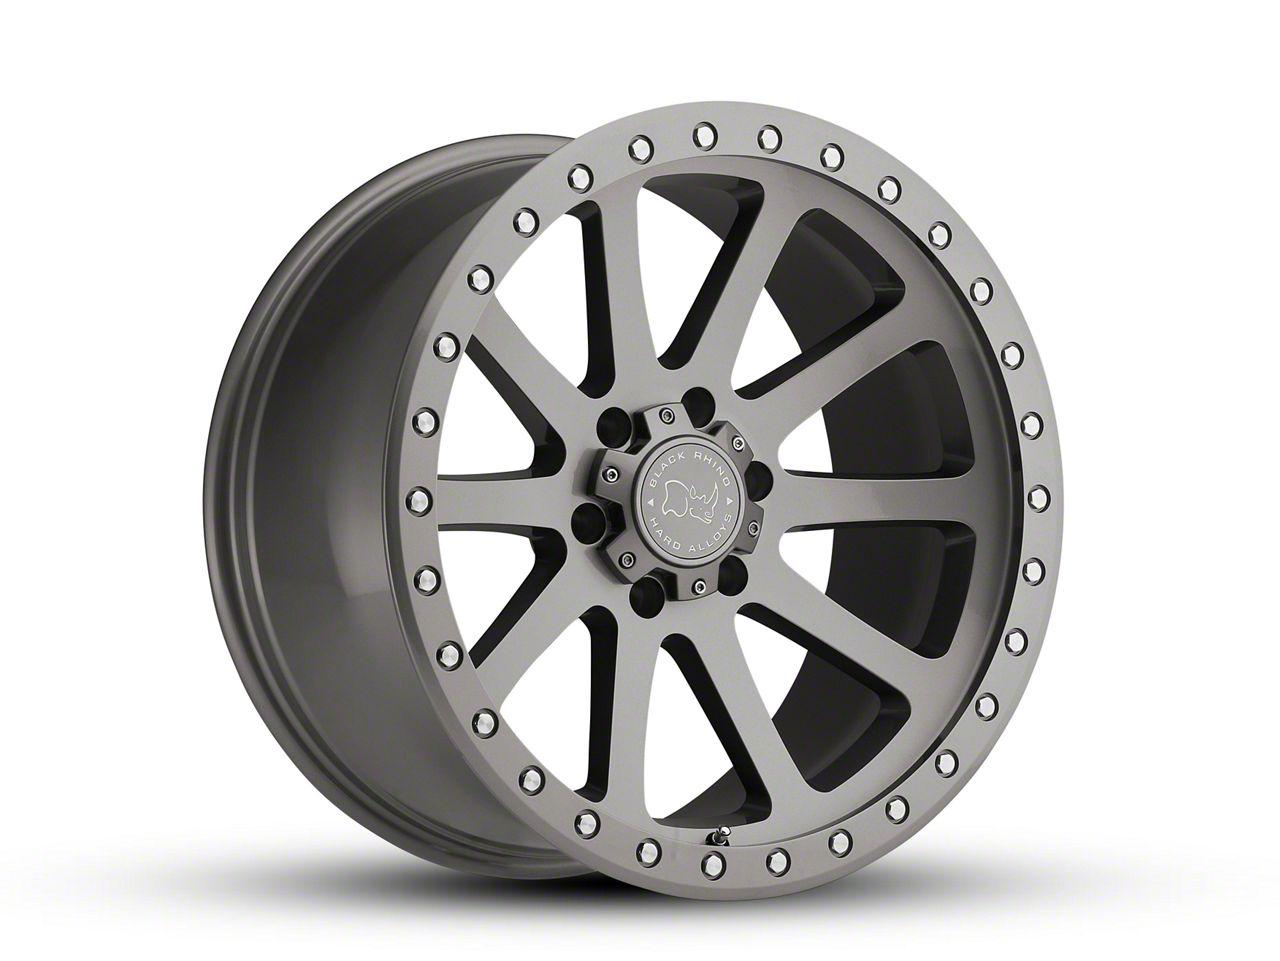 Black Rhino Mint Gloss Graphite 6-Lug Wheel - 20x9 (99-18 Silverado 1500)